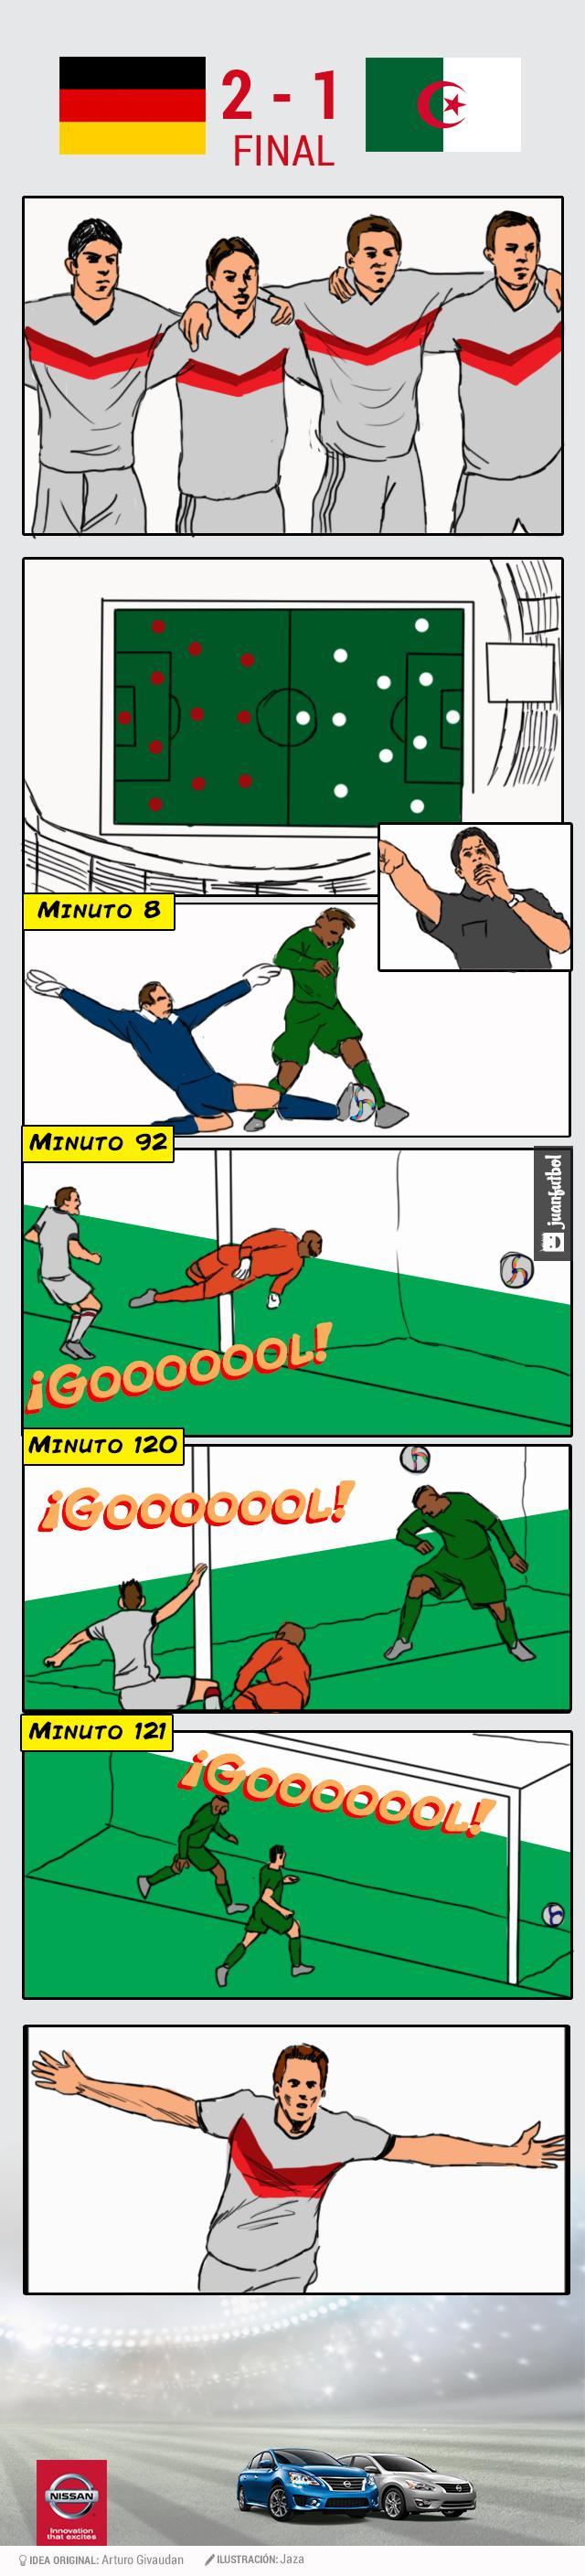 El comic del Alemania-Argelia